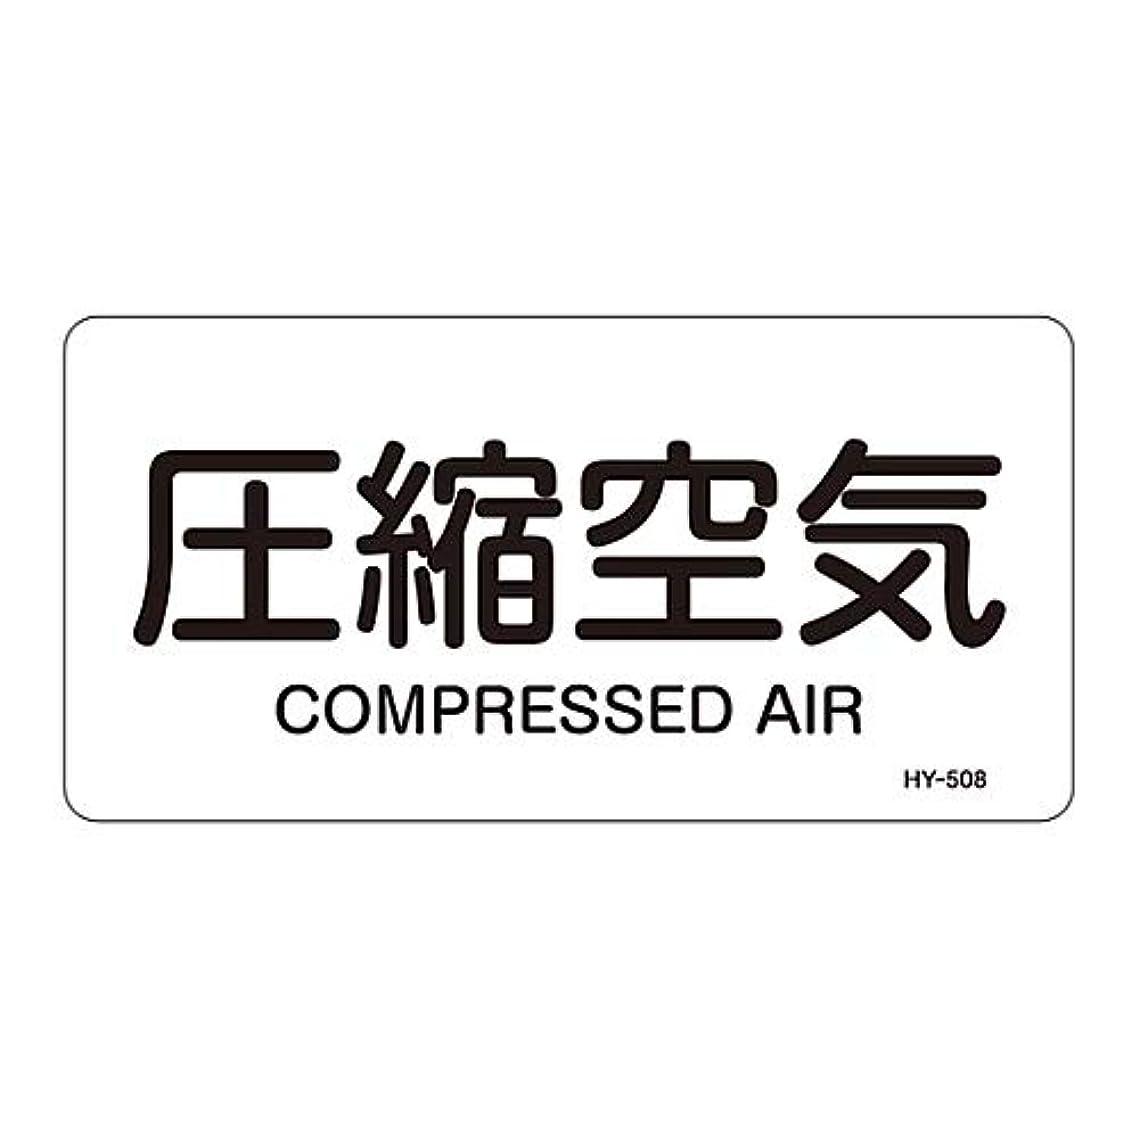 愛撫本当に冊子JIS配管識別明示ステッカー<ヨコタイプ> 「圧縮空気」 HY-508S/61-3404-87